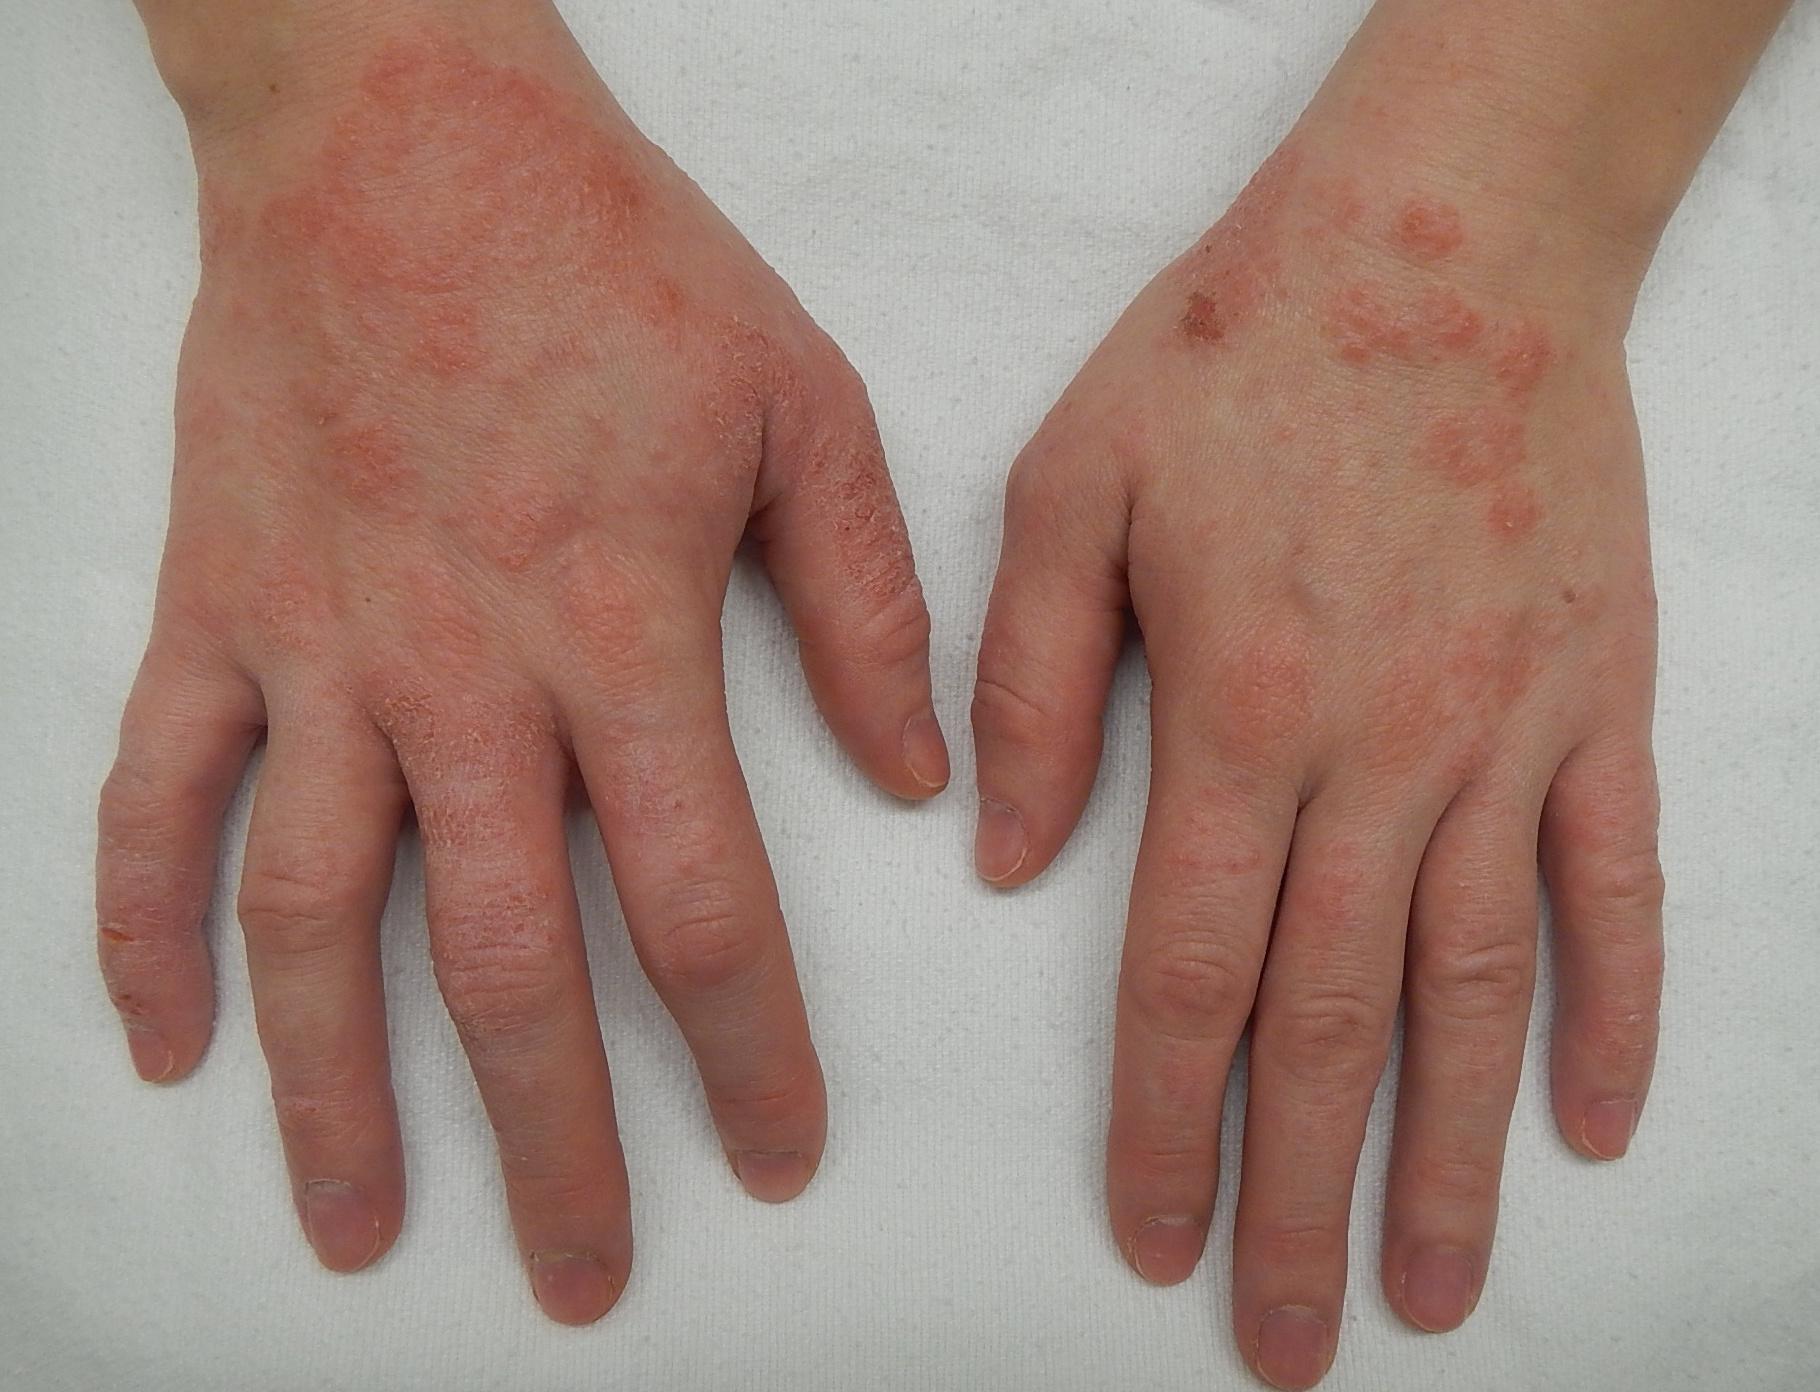 vörös foltok a kezek bőrén viszket fénykép